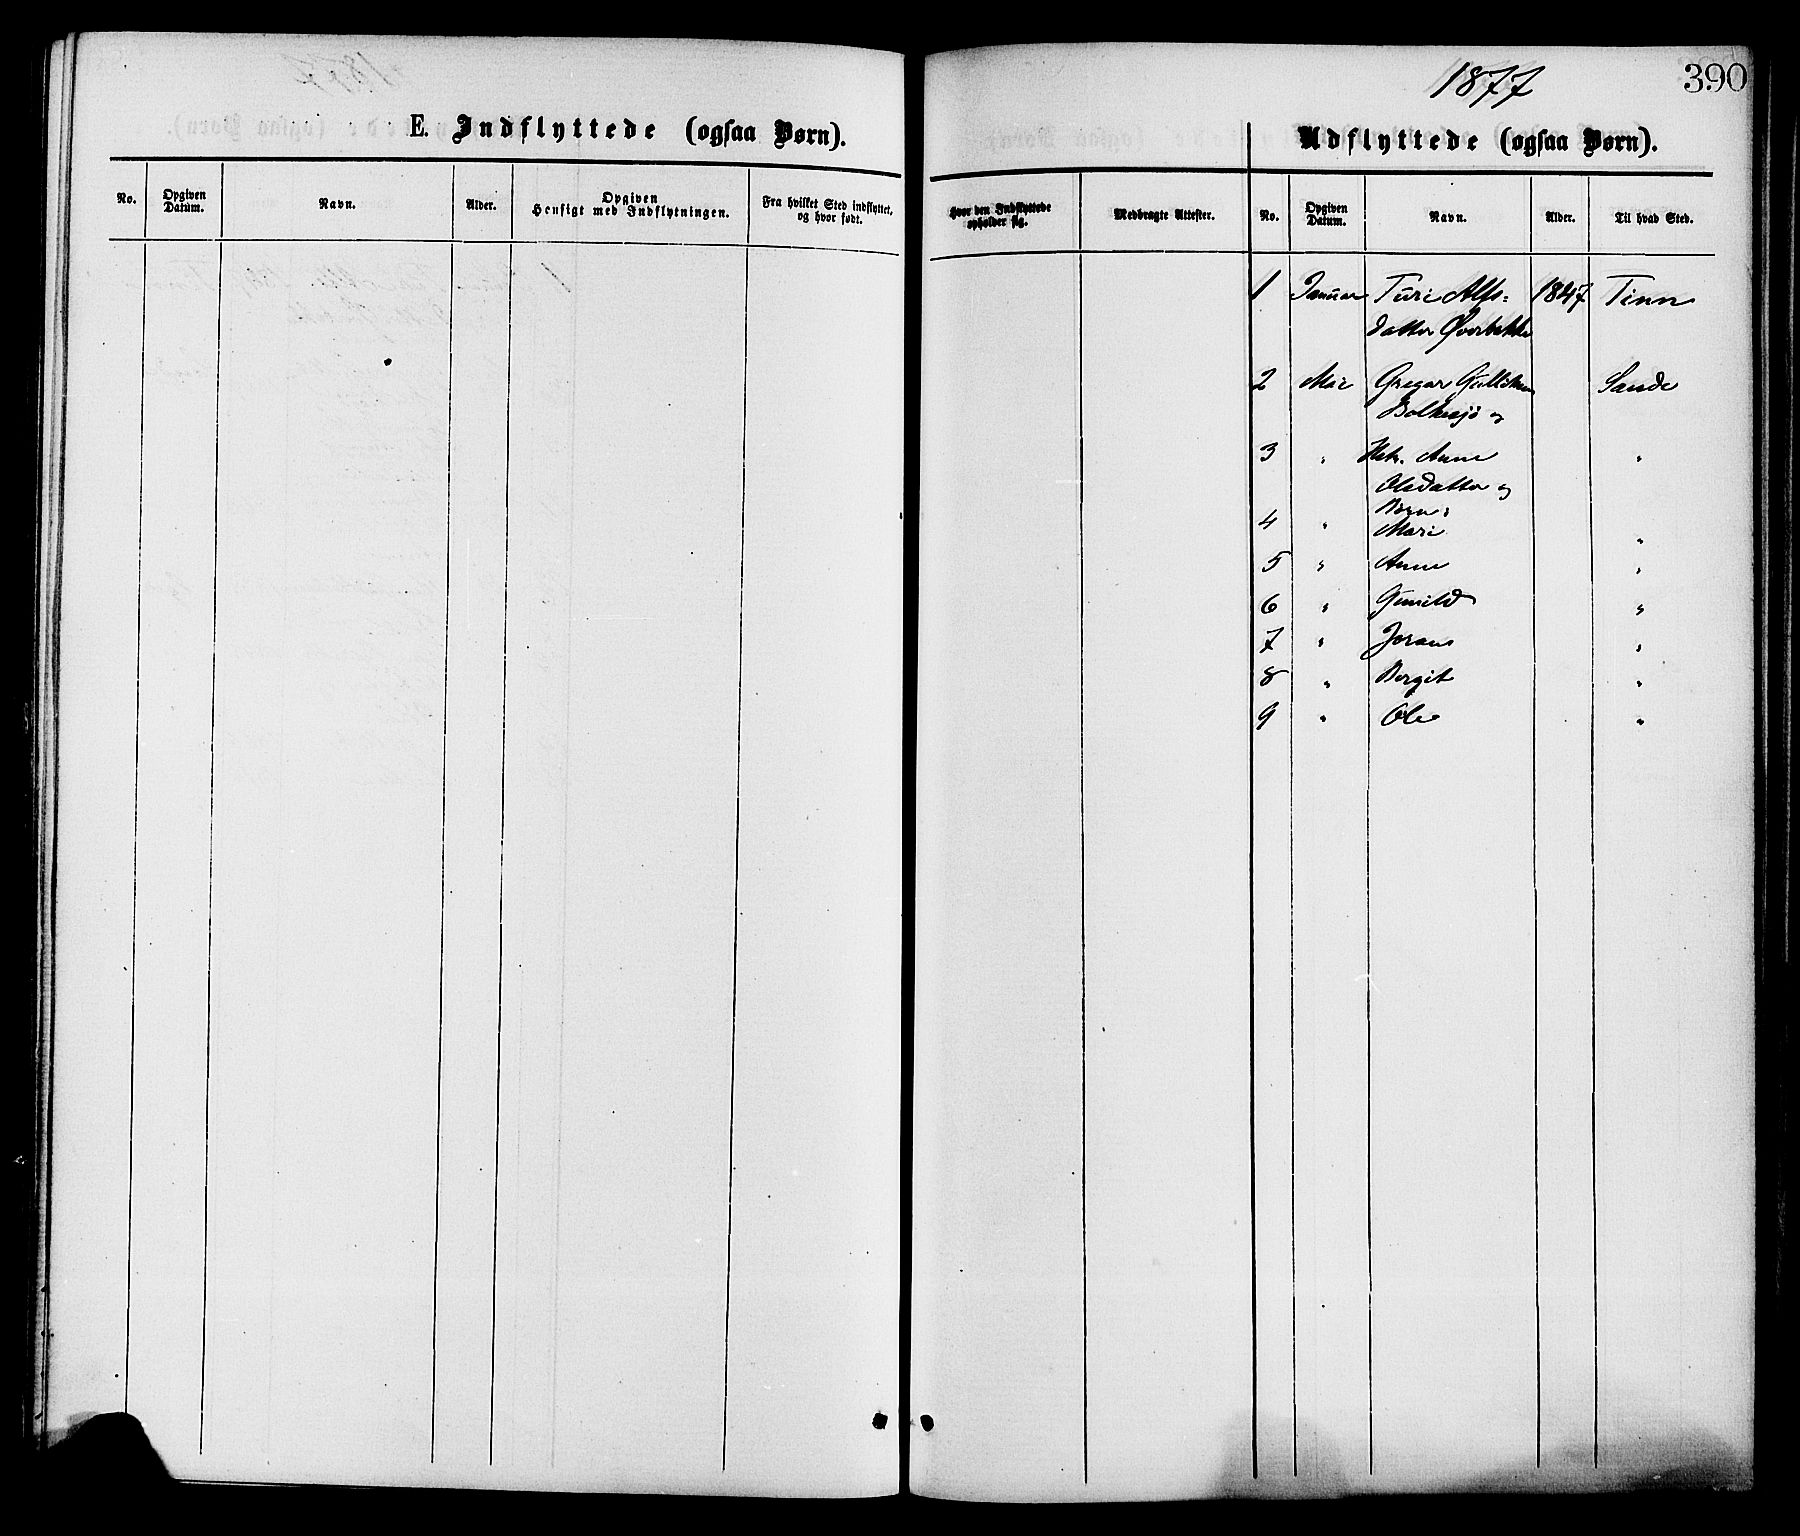 SAKO, Gransherad kirkebøker, F/Fa/L0004: Ministerialbok nr. I 4, 1871-1886, s. 390